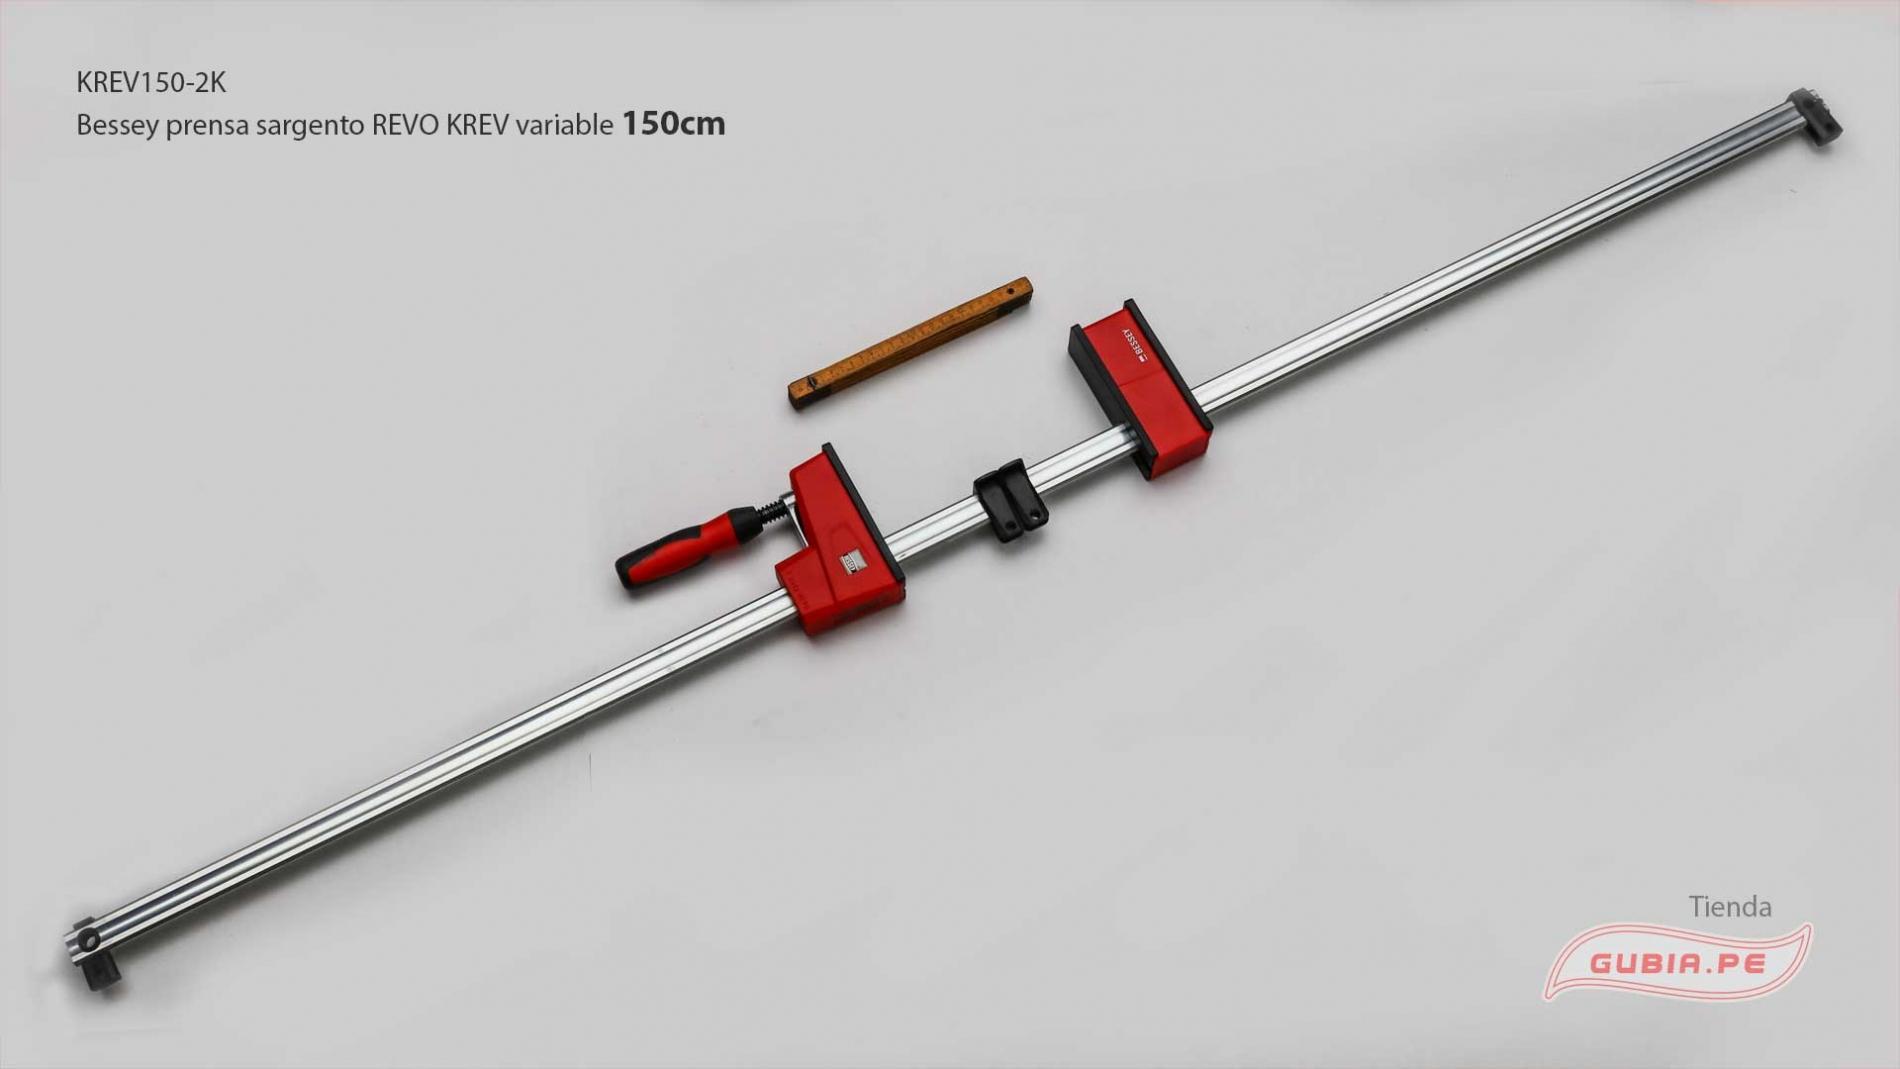 KREV150-2K-Sargento 150x9.5cm REVO variable 8kN Bessey KREV150-2K-max-1.